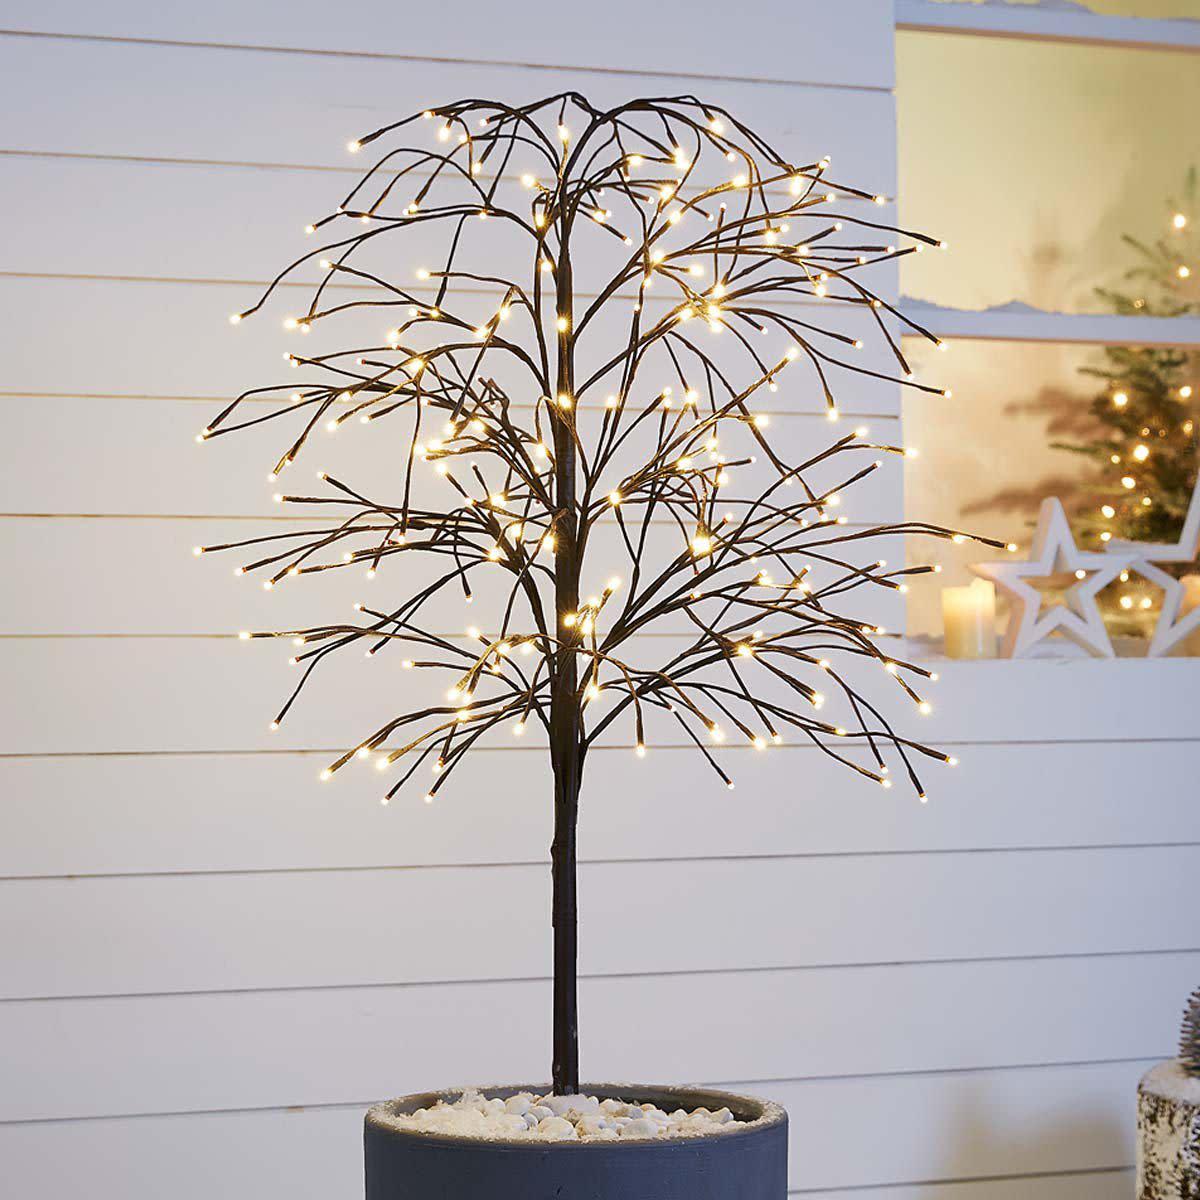 Xmas lichterketten archive tipps vom einrichter for Beleuchteter tannenbaum